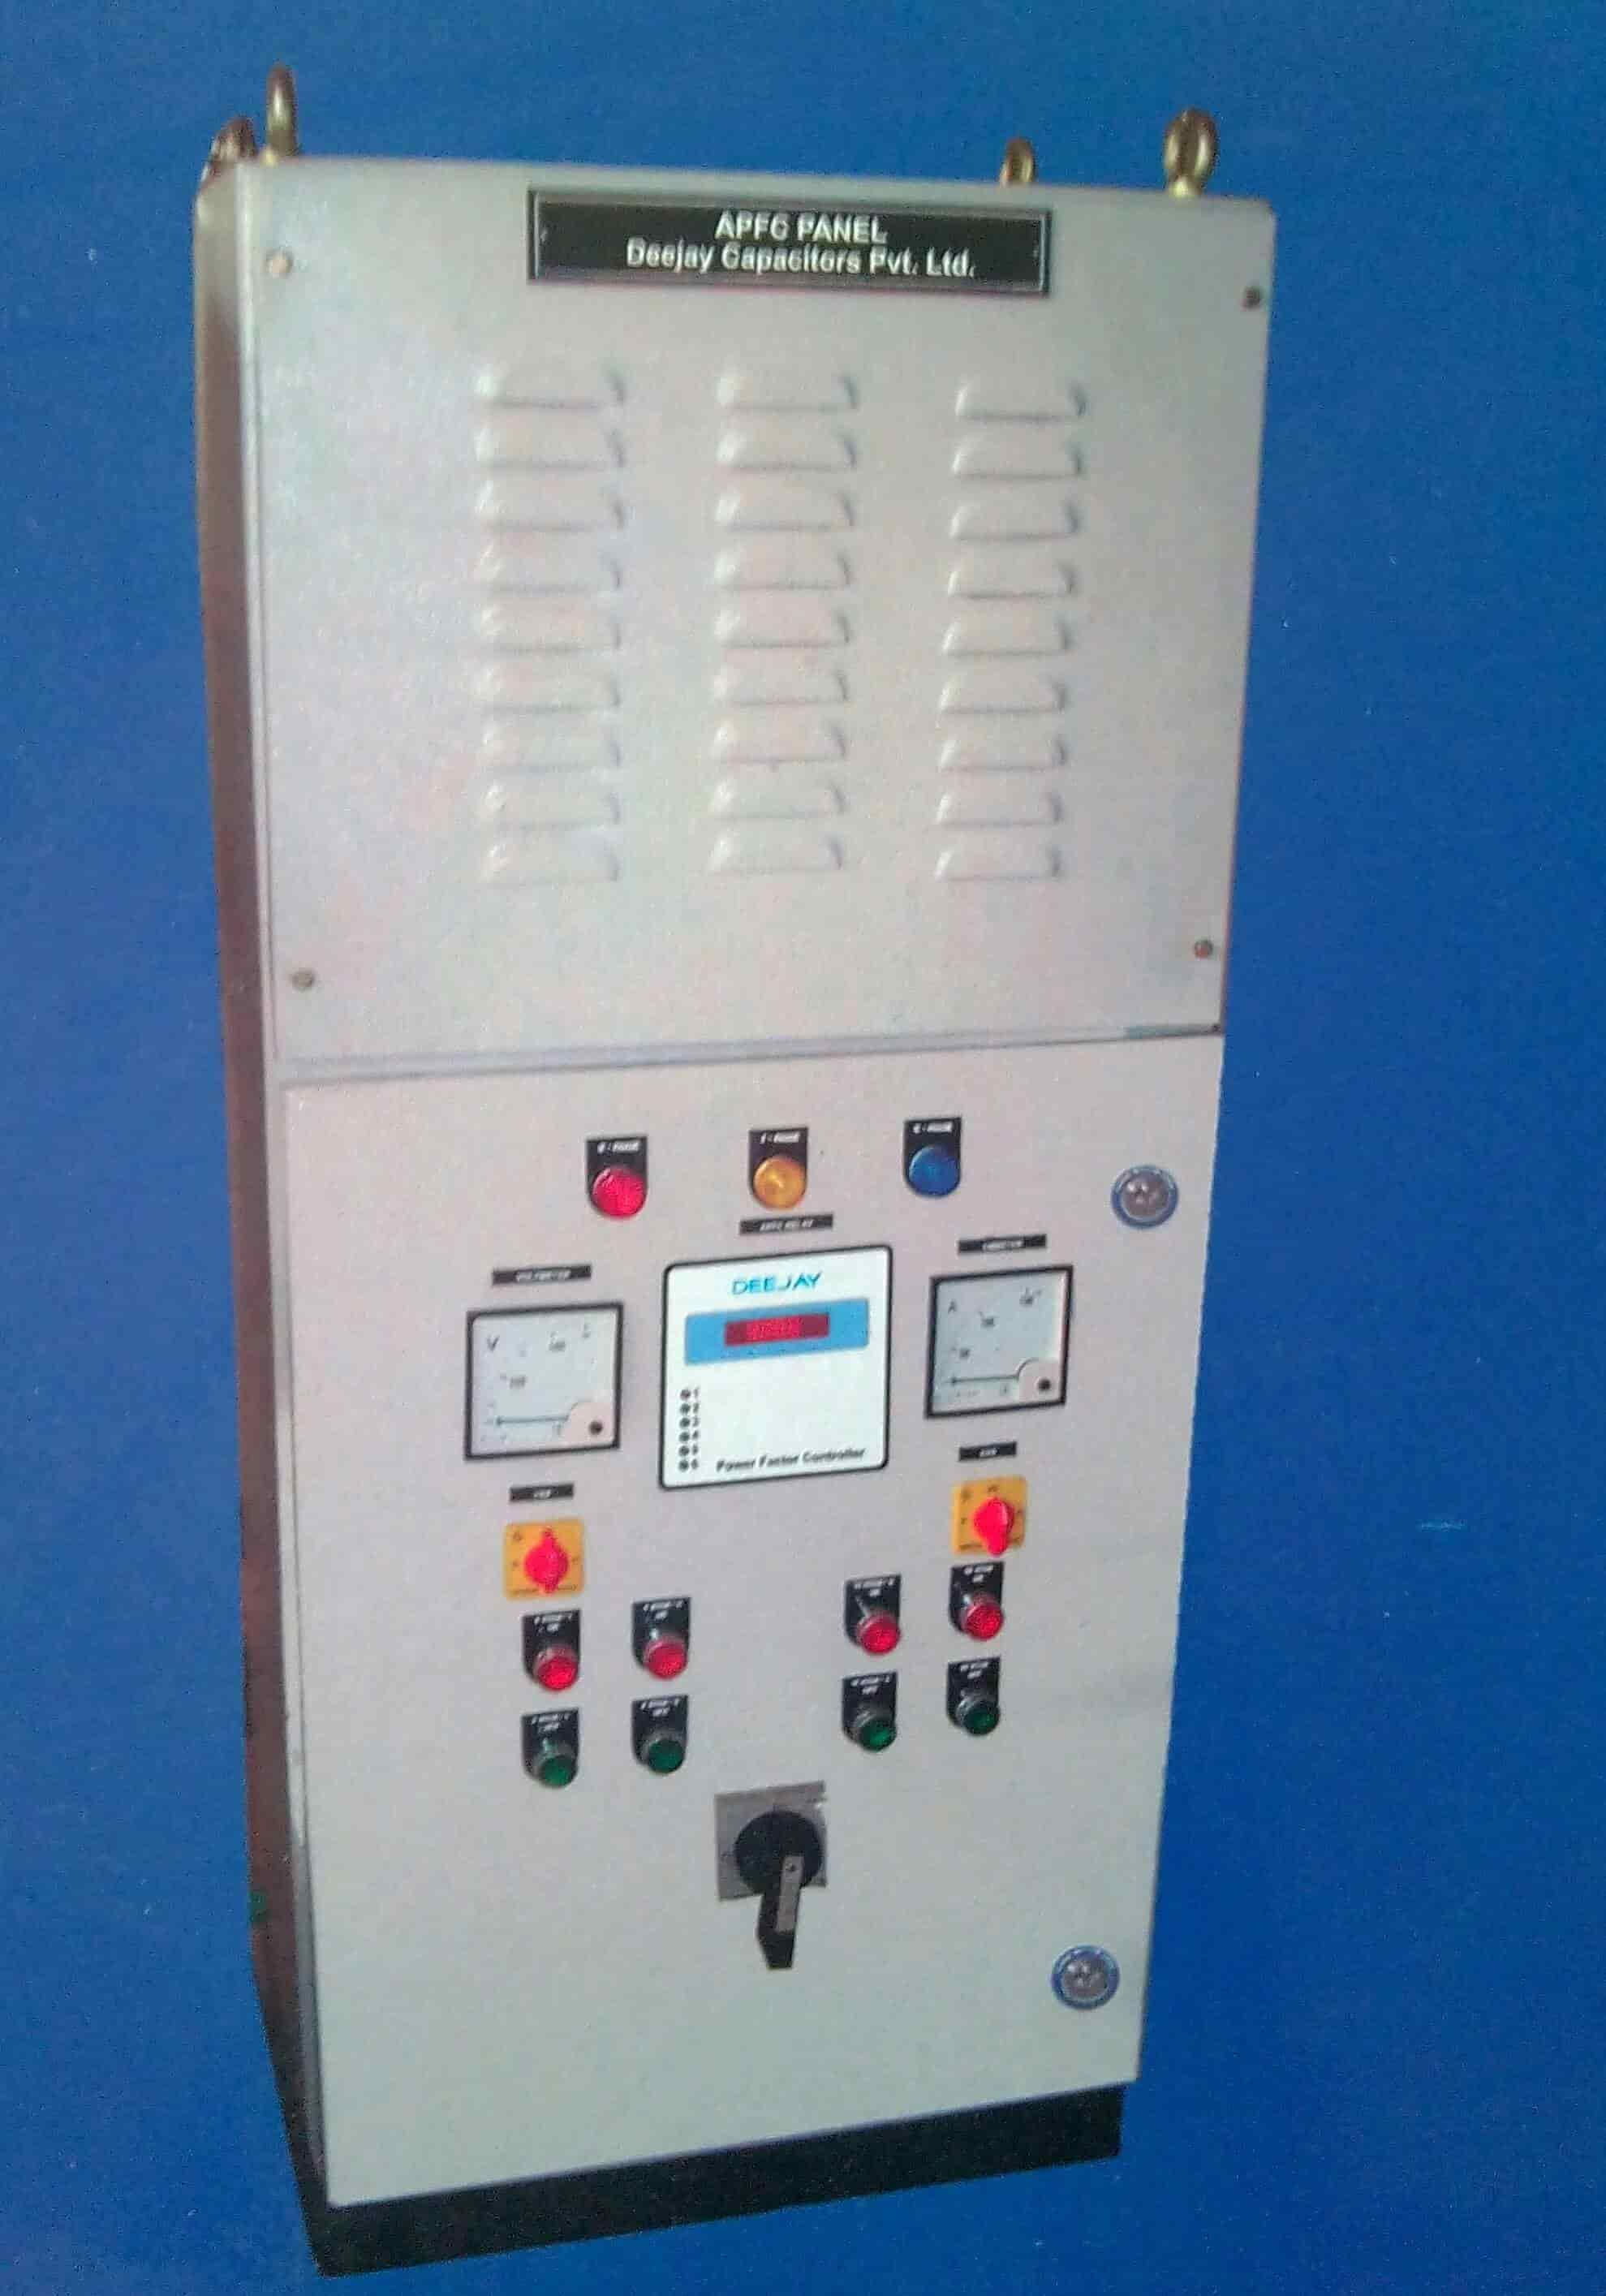 Deejay Capacitors Pvt  Ltd , Ambad - Electrical Control Panel